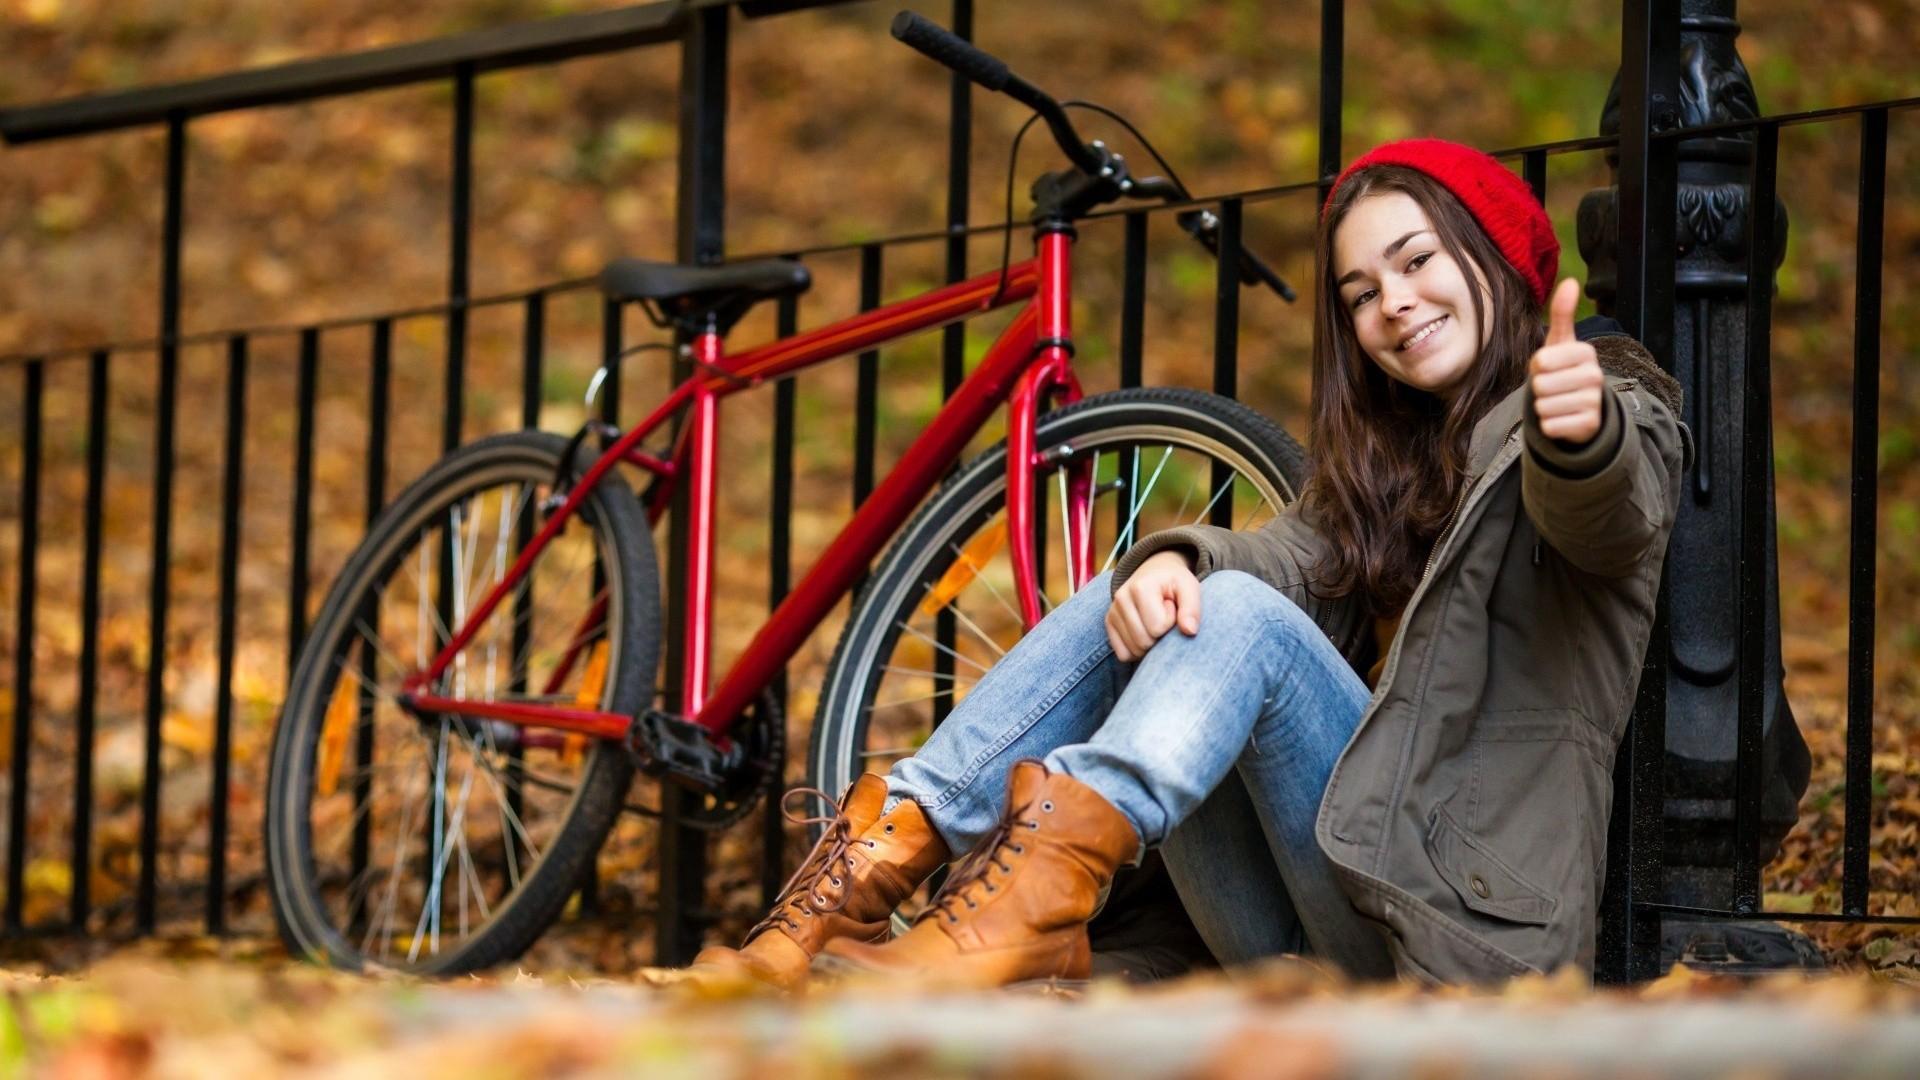 Фото с велосипедом идеи